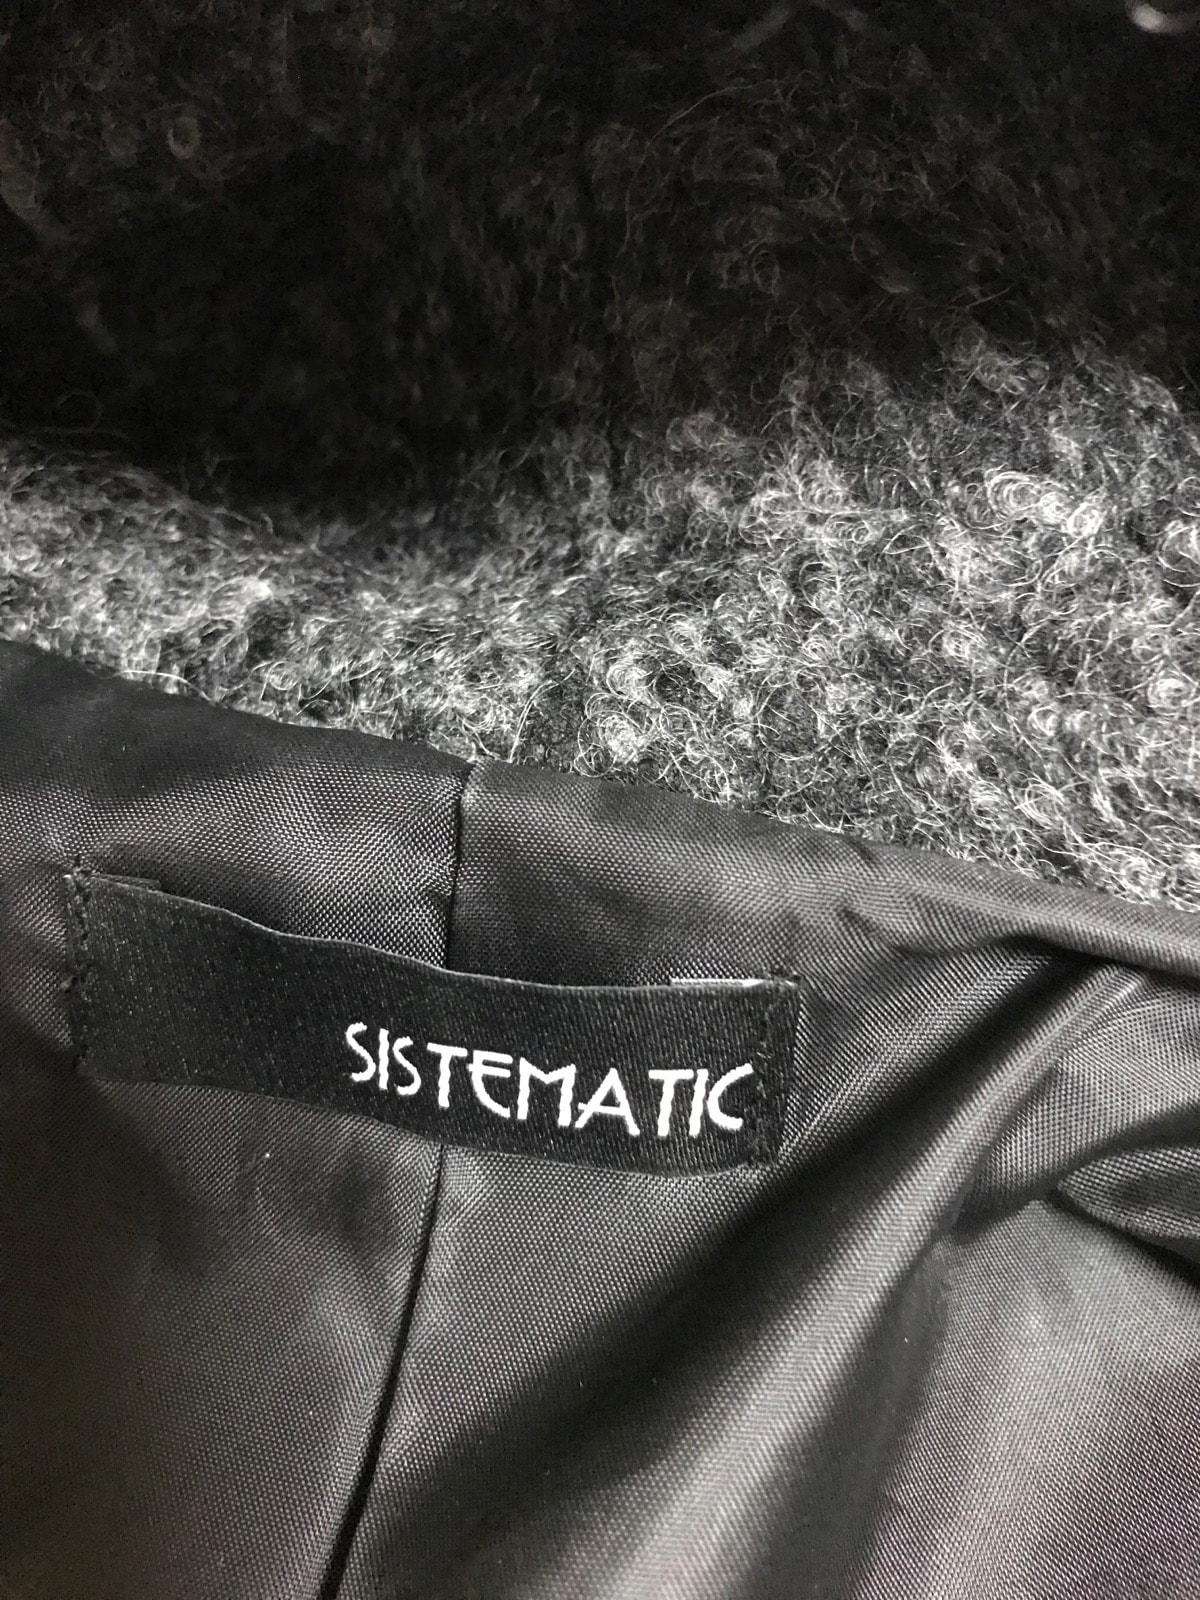 sistematic(システマティック)のコート